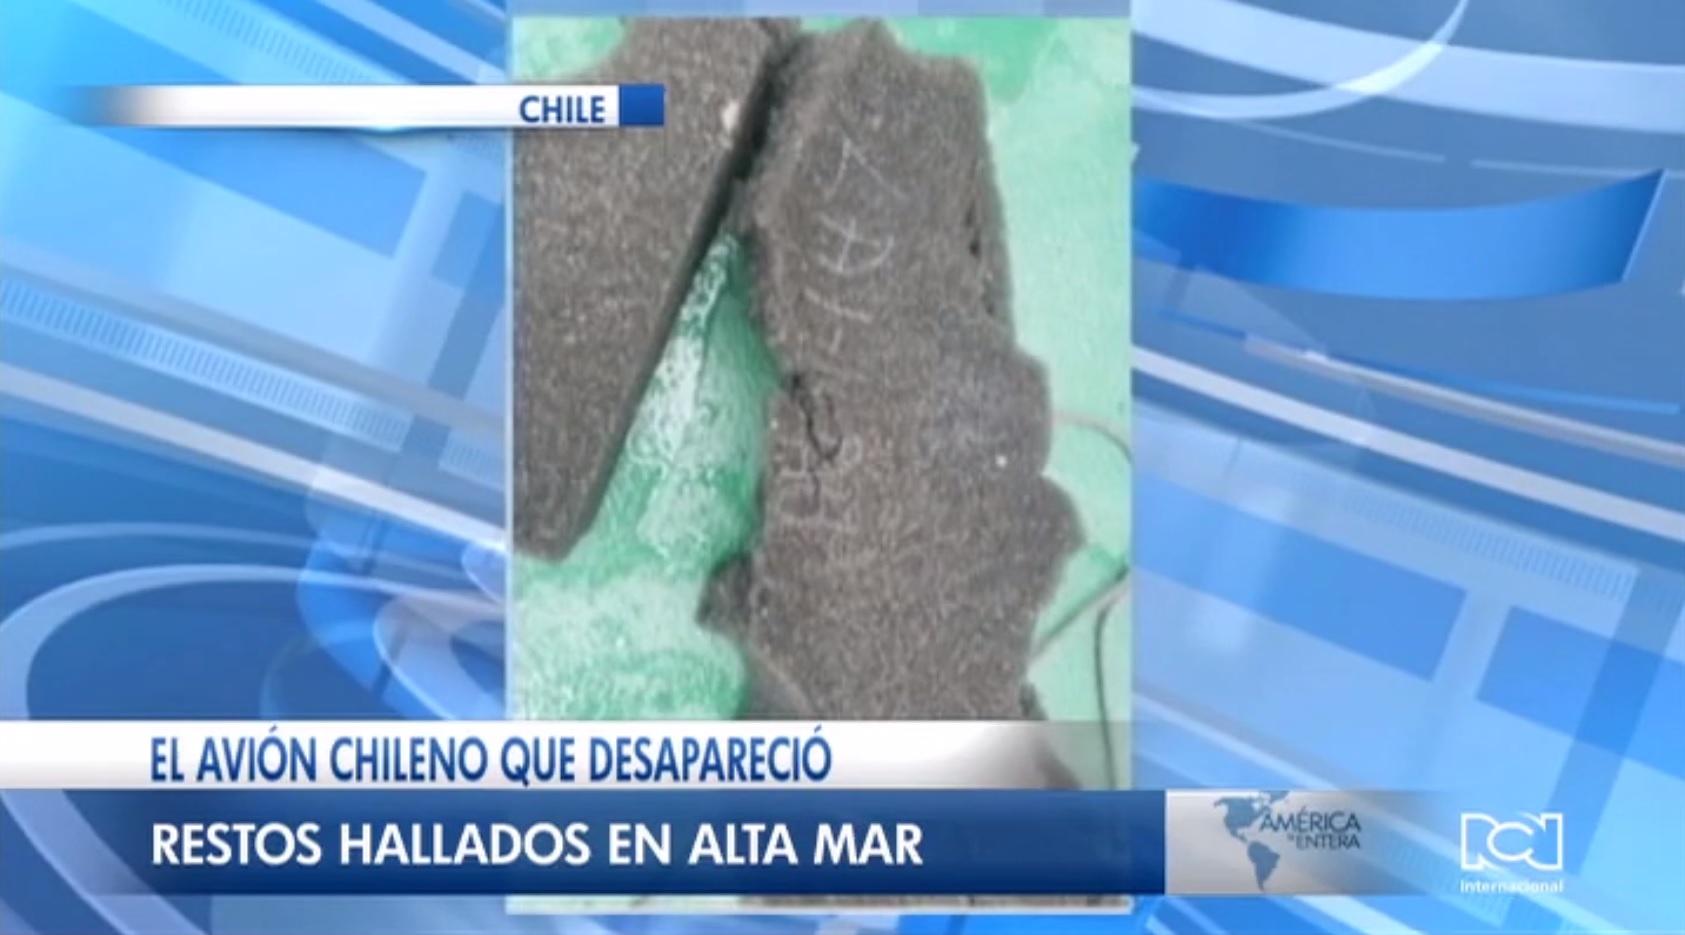 Investigan si restos hallados en altamar pertenecen al avión militar chileno reportado como desaparecido